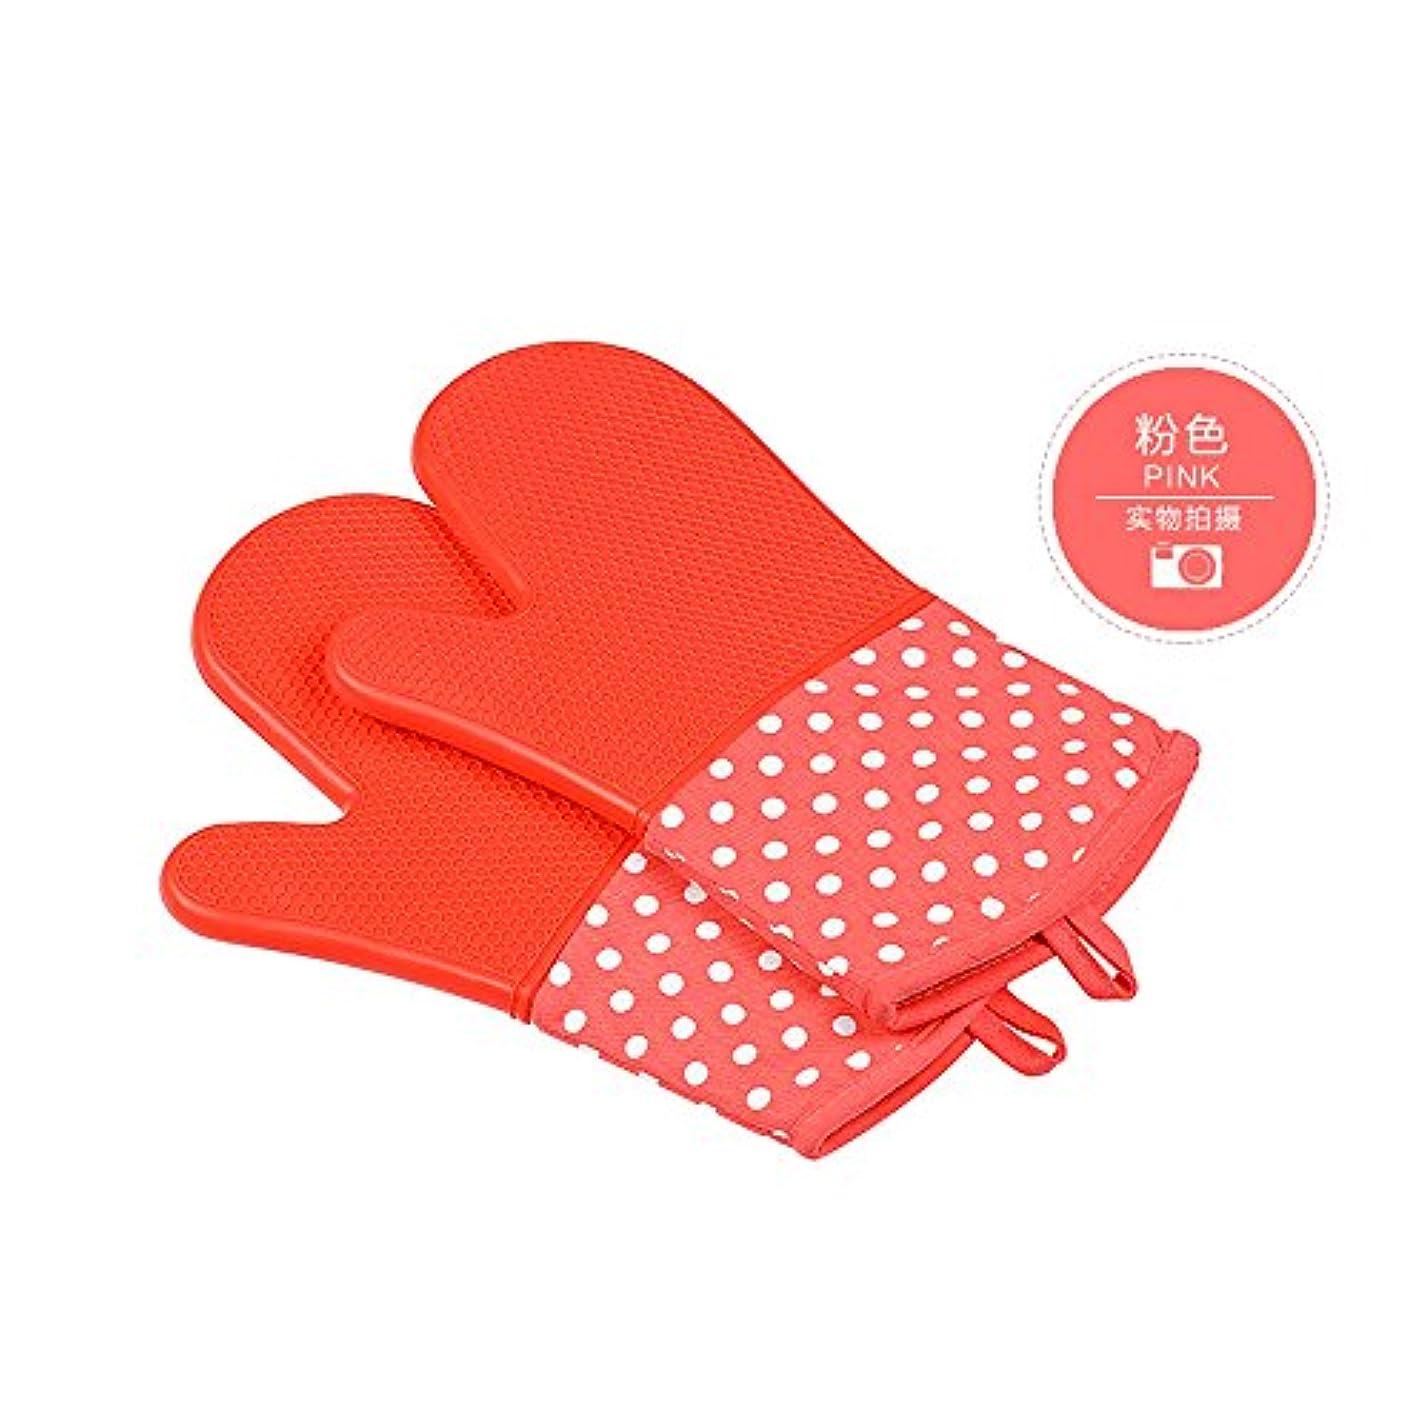 スピン違反取り除くJOOP【2個セット】【シリコンベーキング手袋】【バーベキュー手袋】【キッチン電子レンジの手袋】【オーブン断熱手袋】【300の加熱温度極値】【7色】 (ピンク)